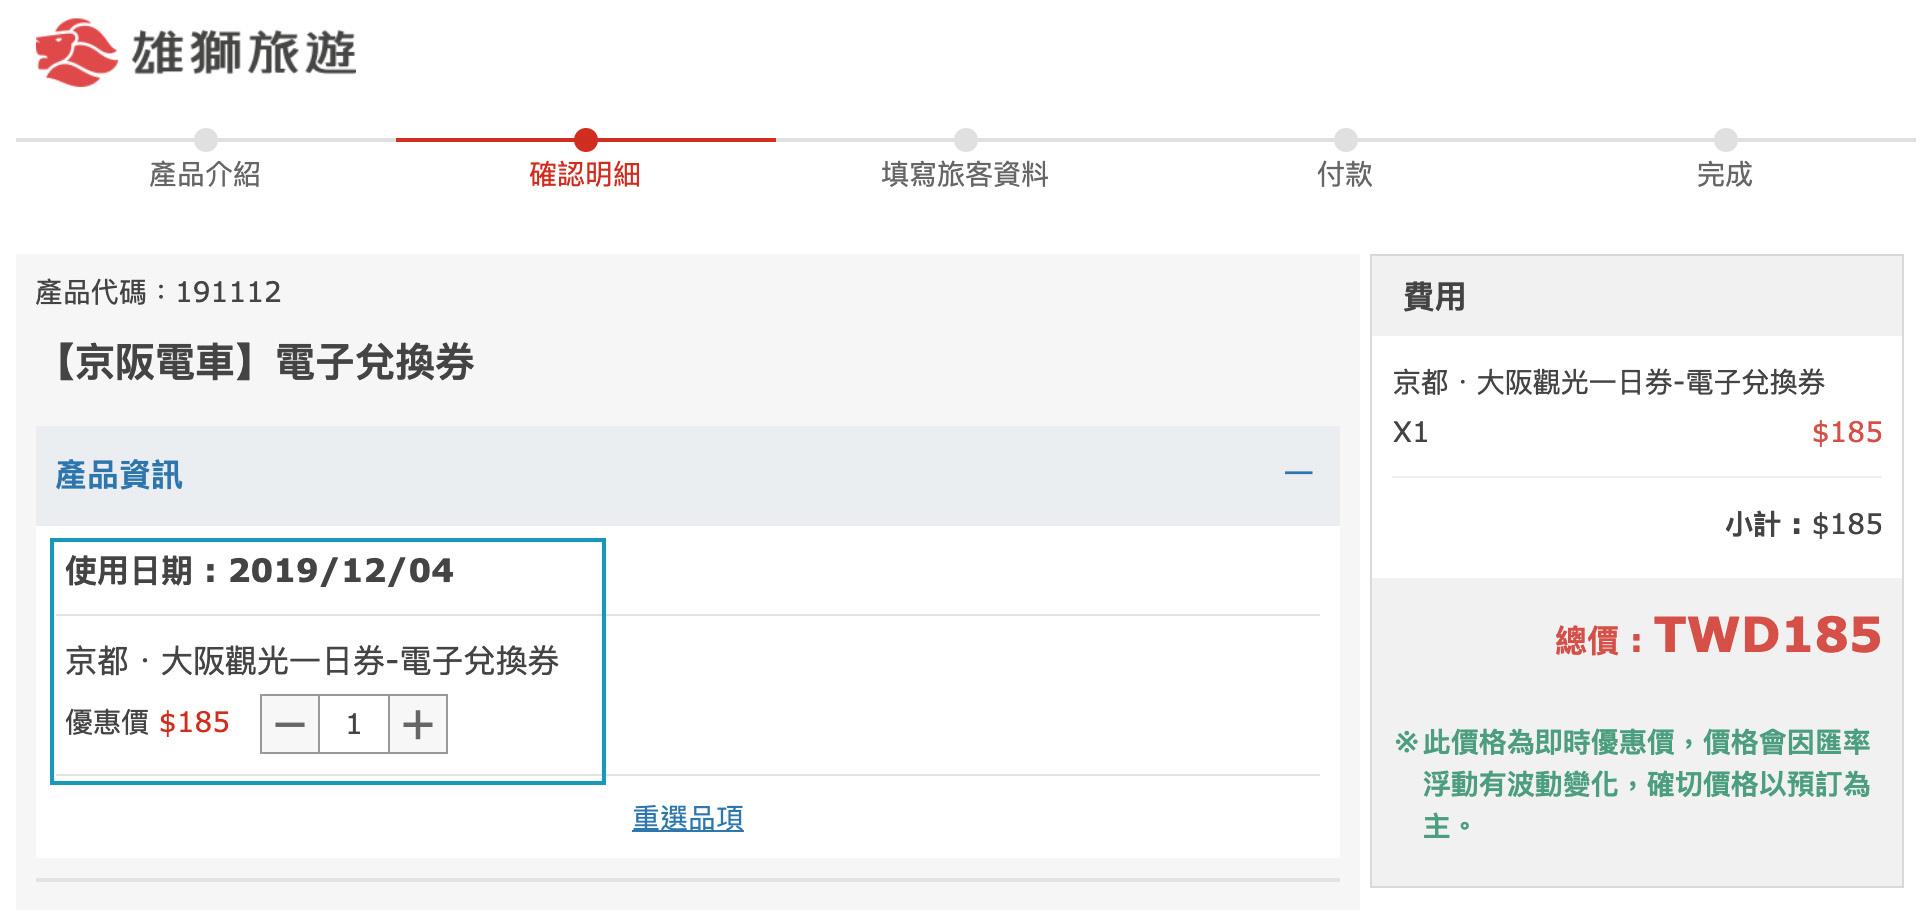 京阪電車一日券二日券購買方式-訂購頁面1.jpg